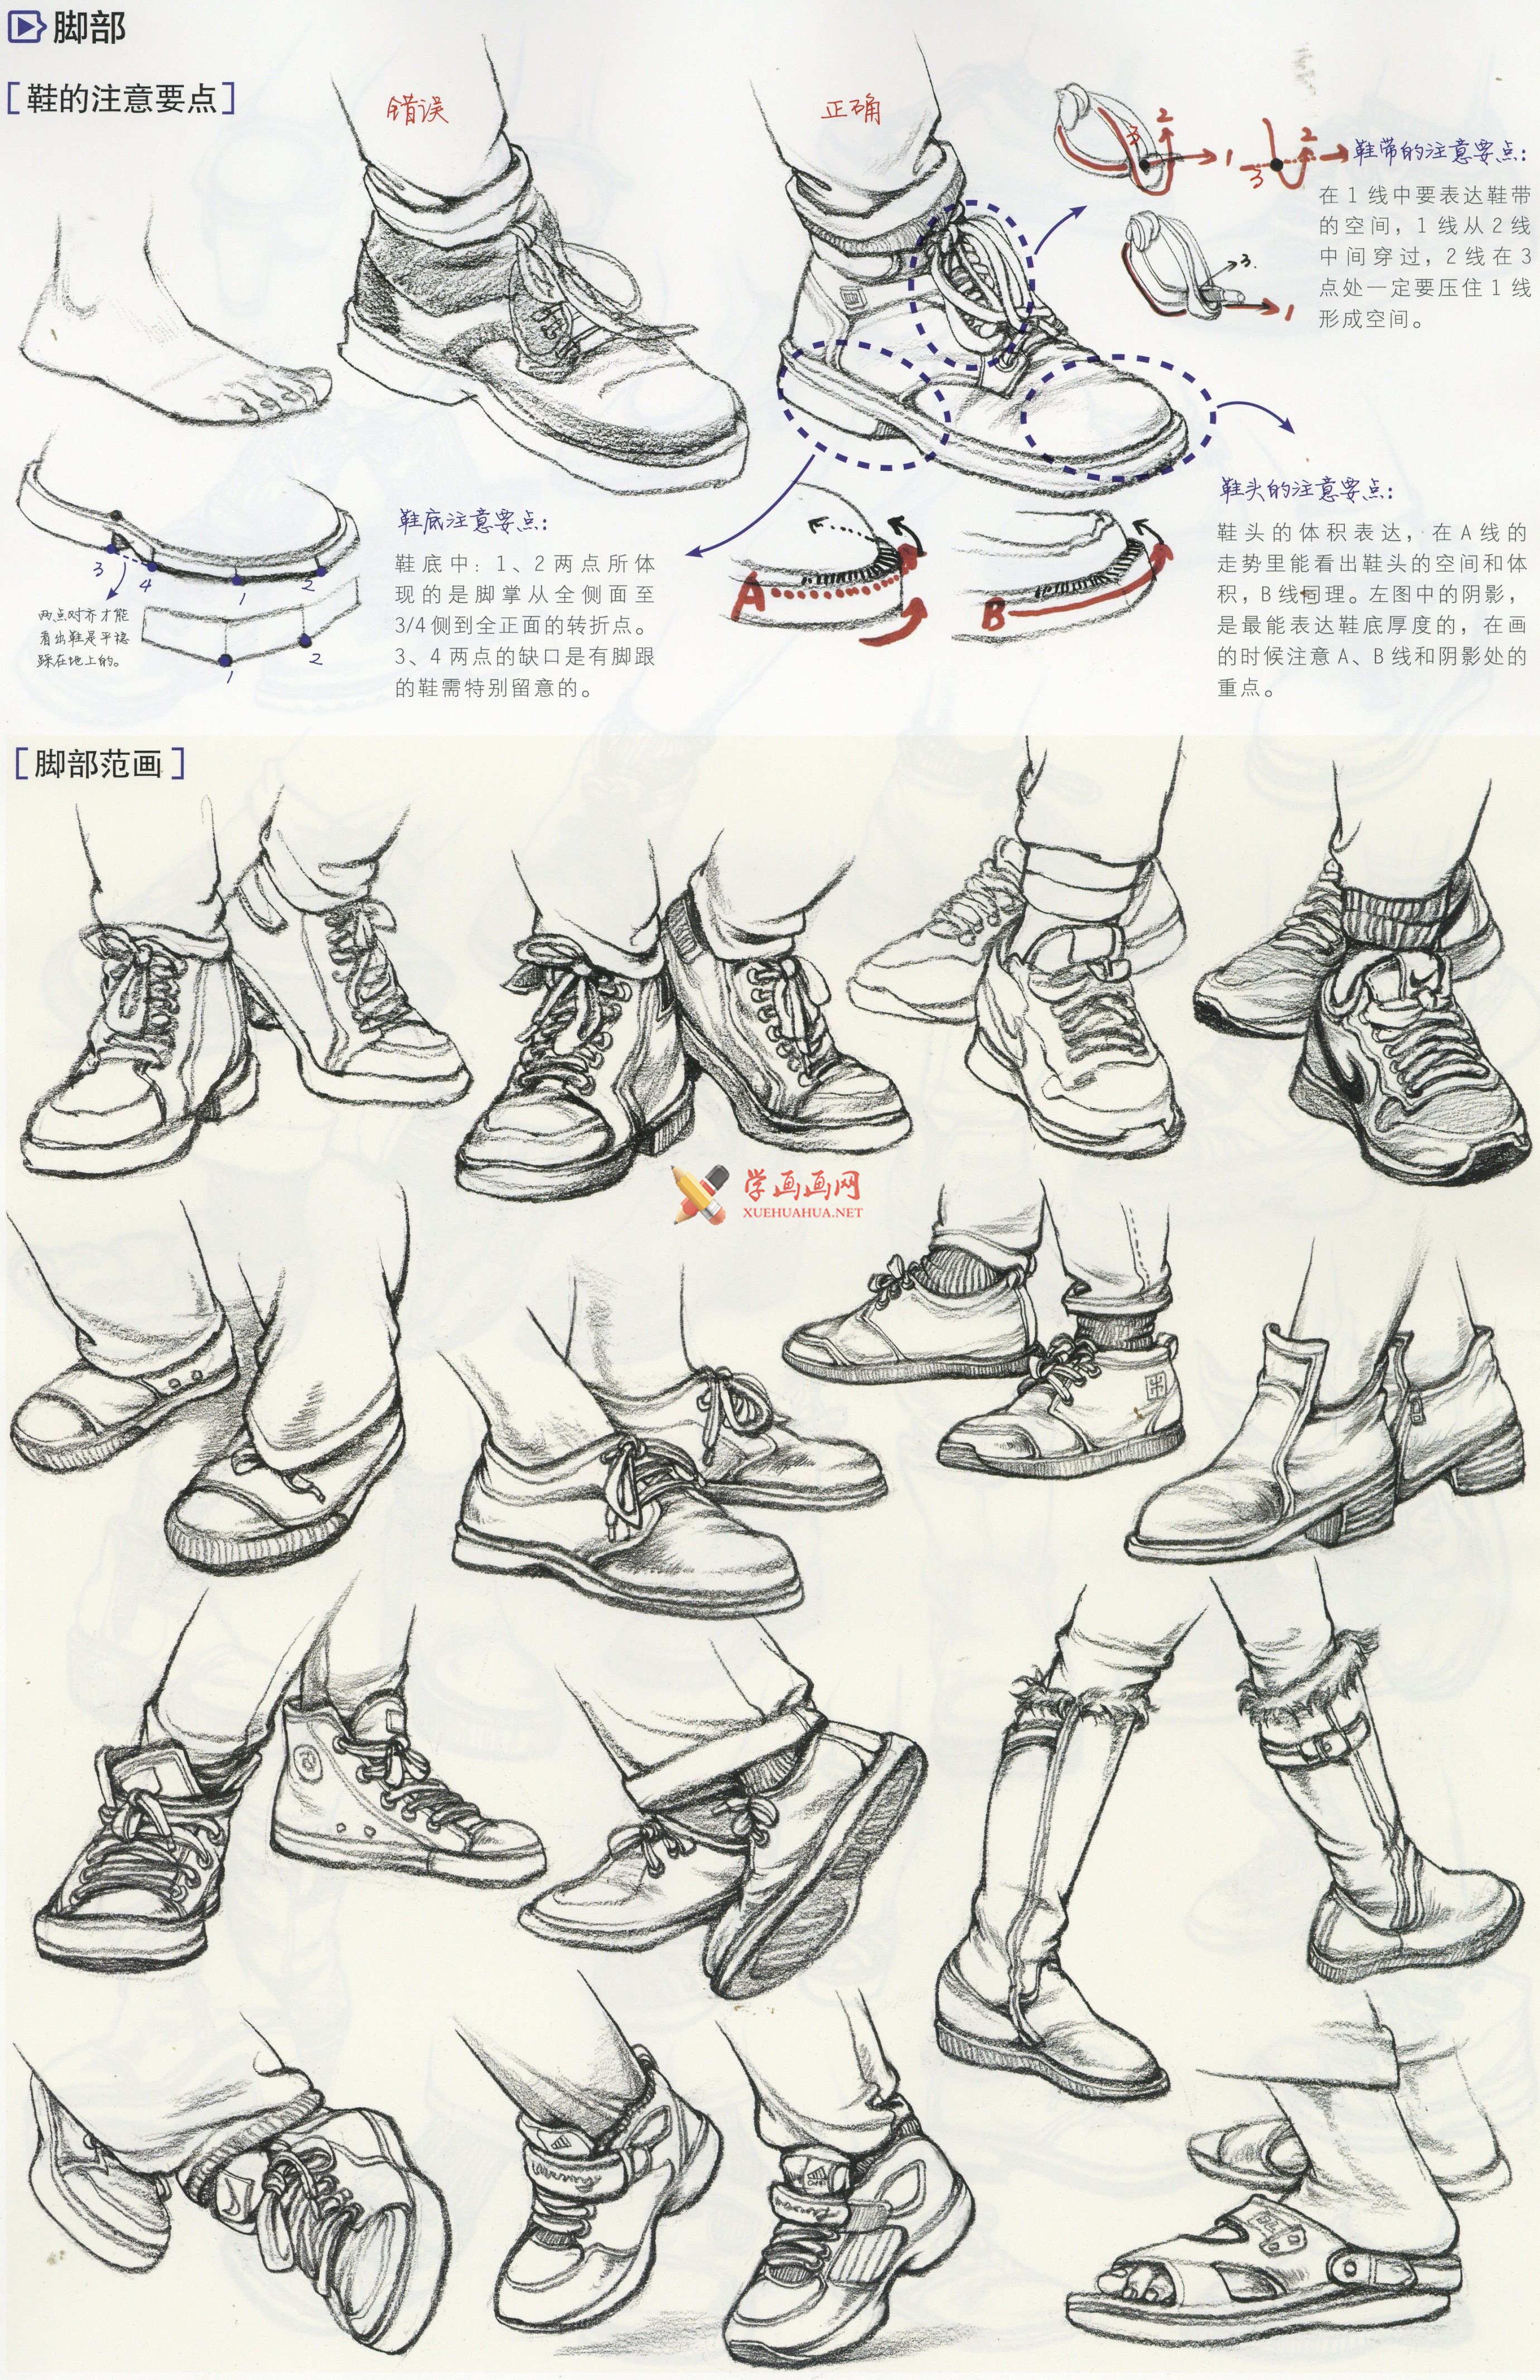 人物速写:鞋子的画法及各角度鞋子的速写画法临摹图片范画(2)